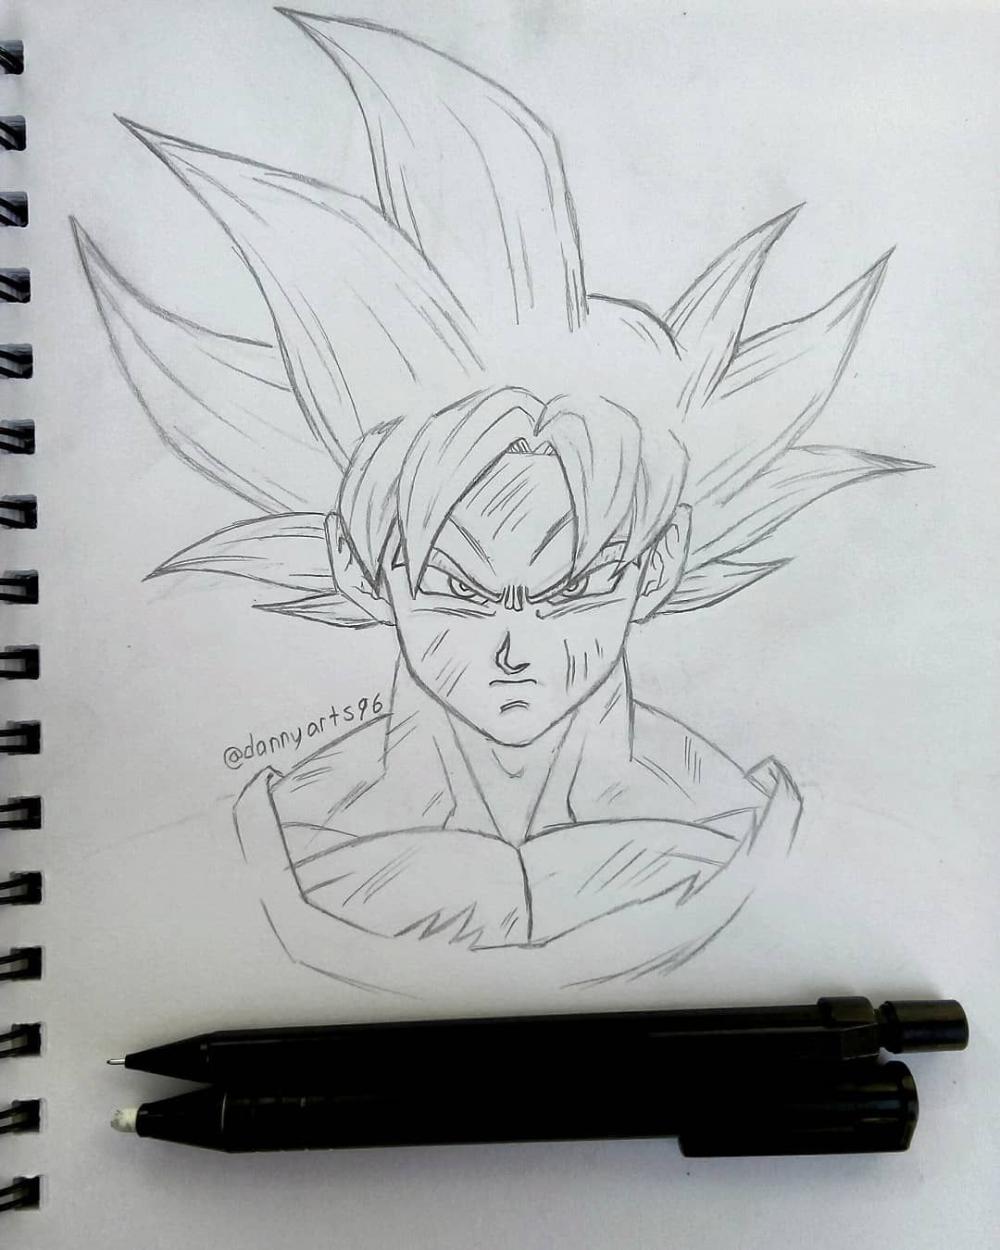 Kinzokumatto Goku Ultra Instinto Busqueda De Google Desenhos Dragonball Desenhos De Anime Desenho De Anime